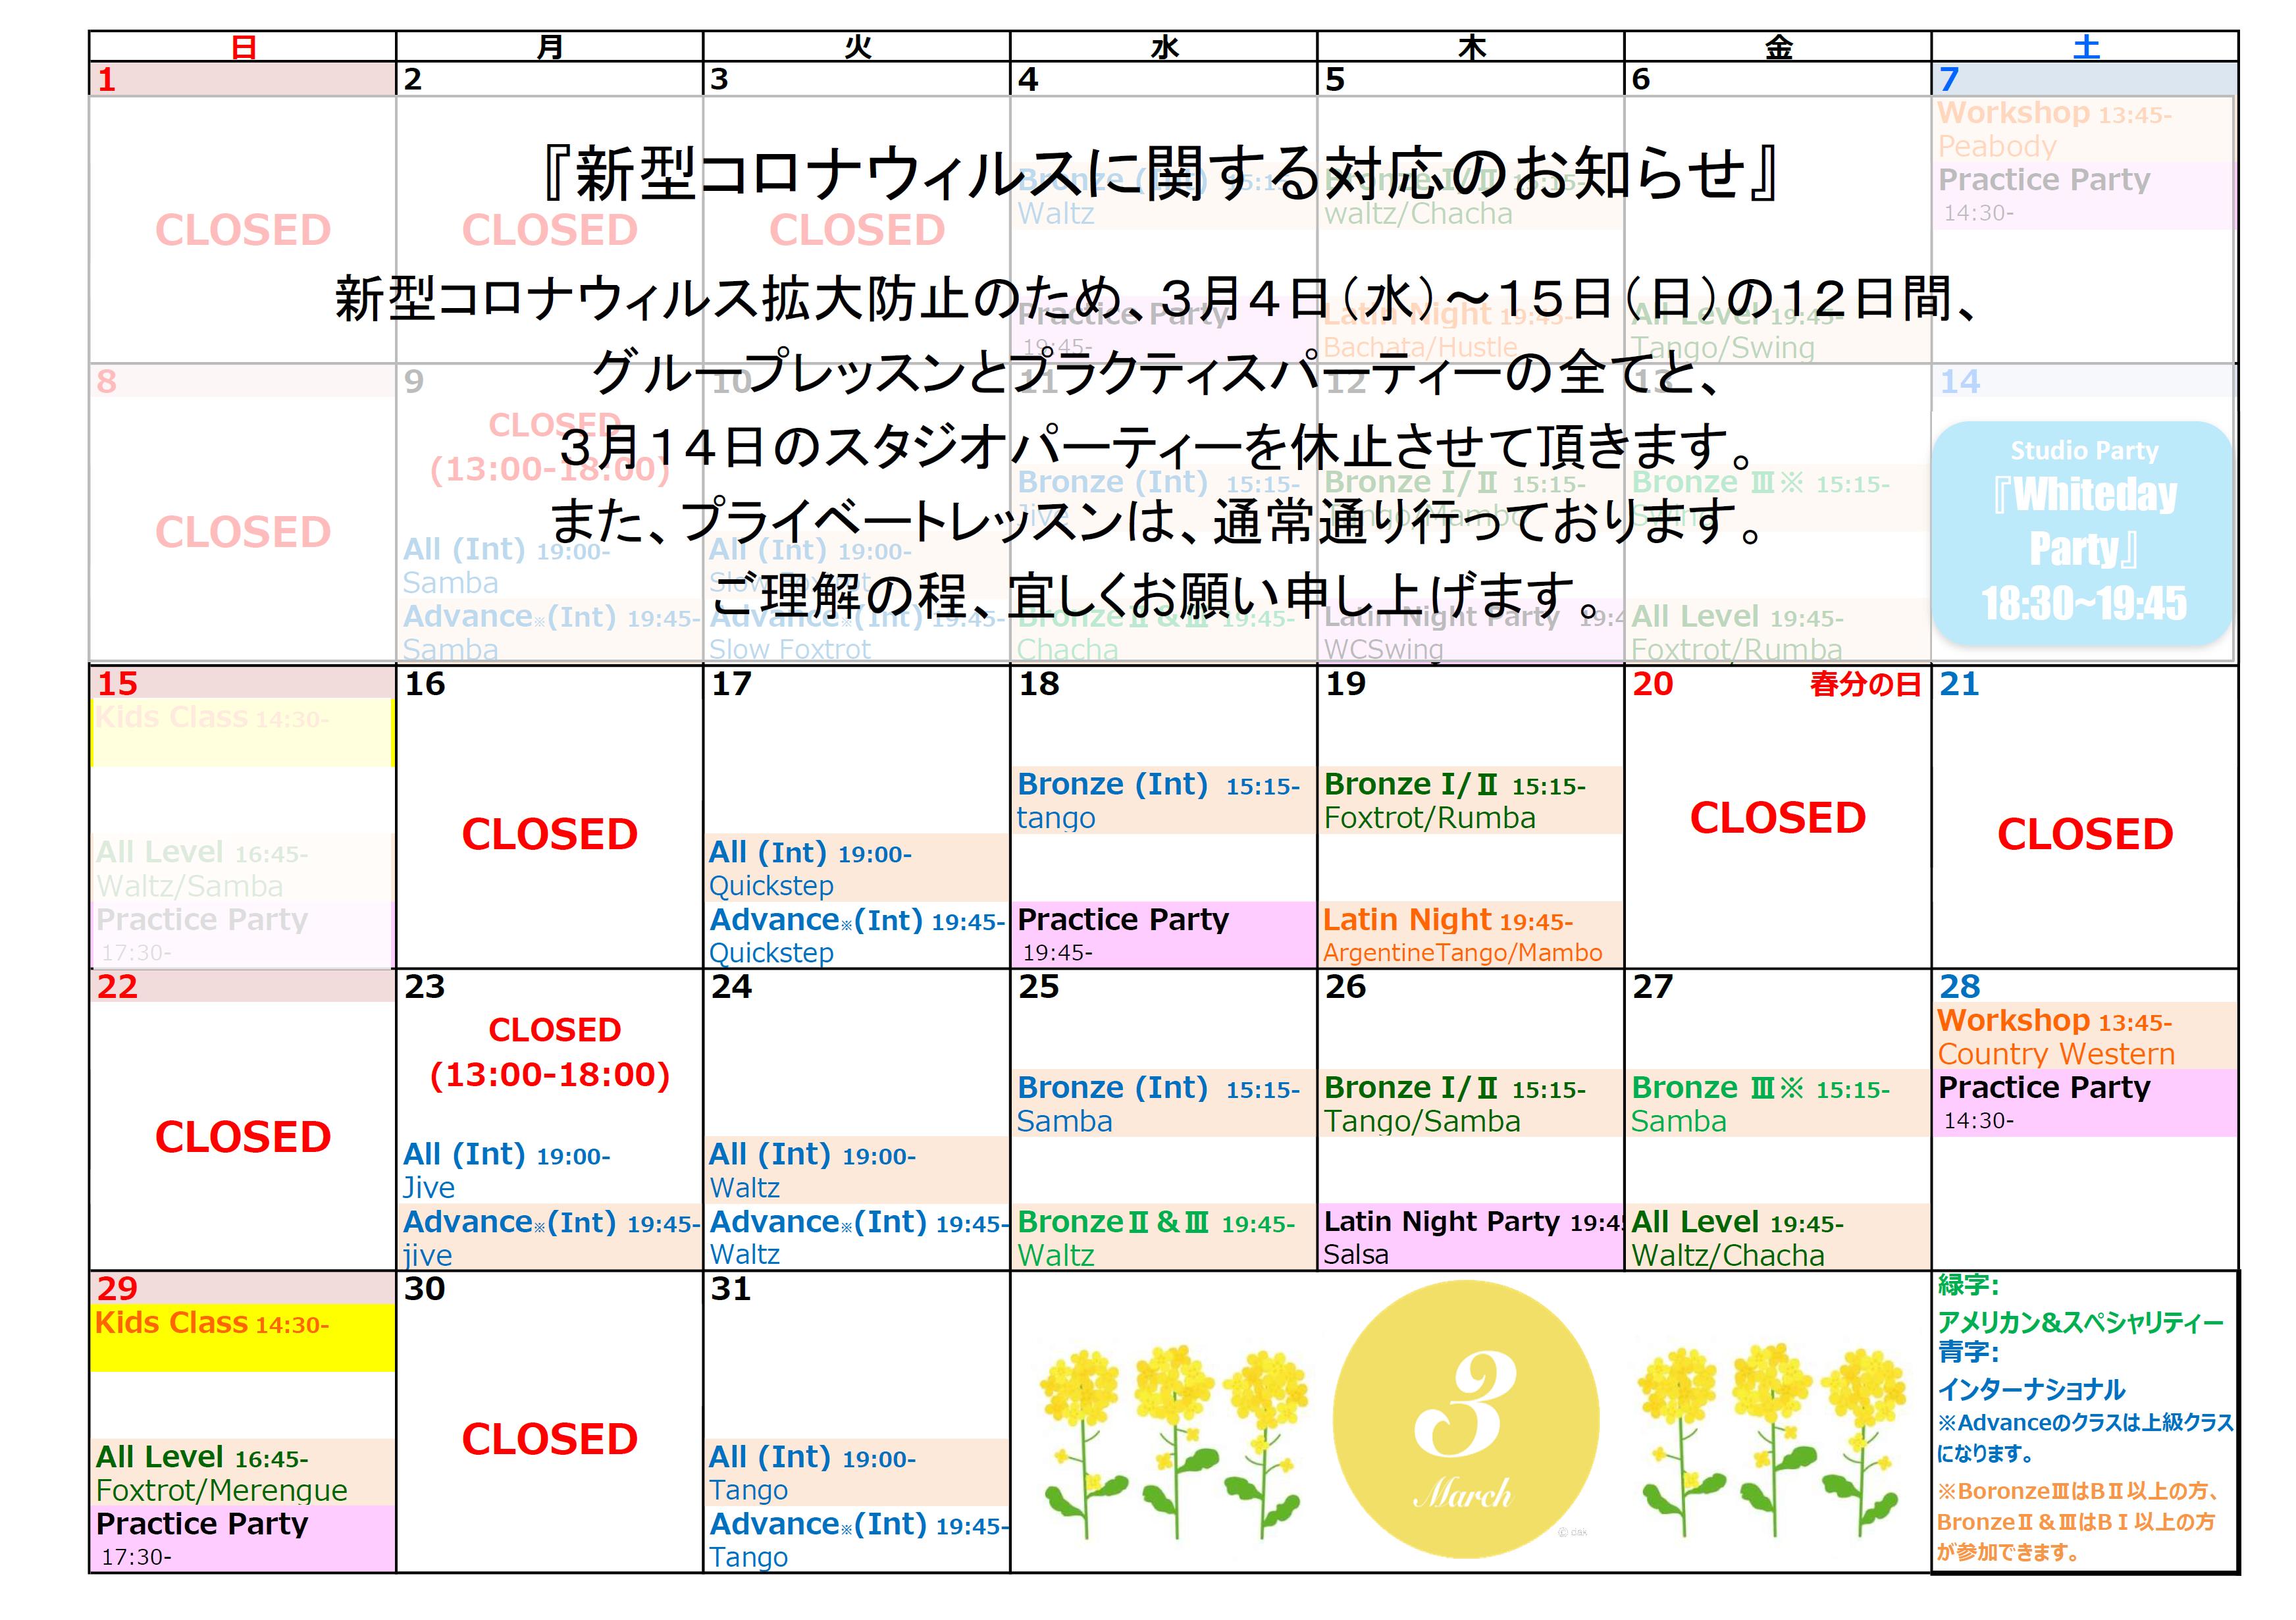 【変更】2020.3 Schedule